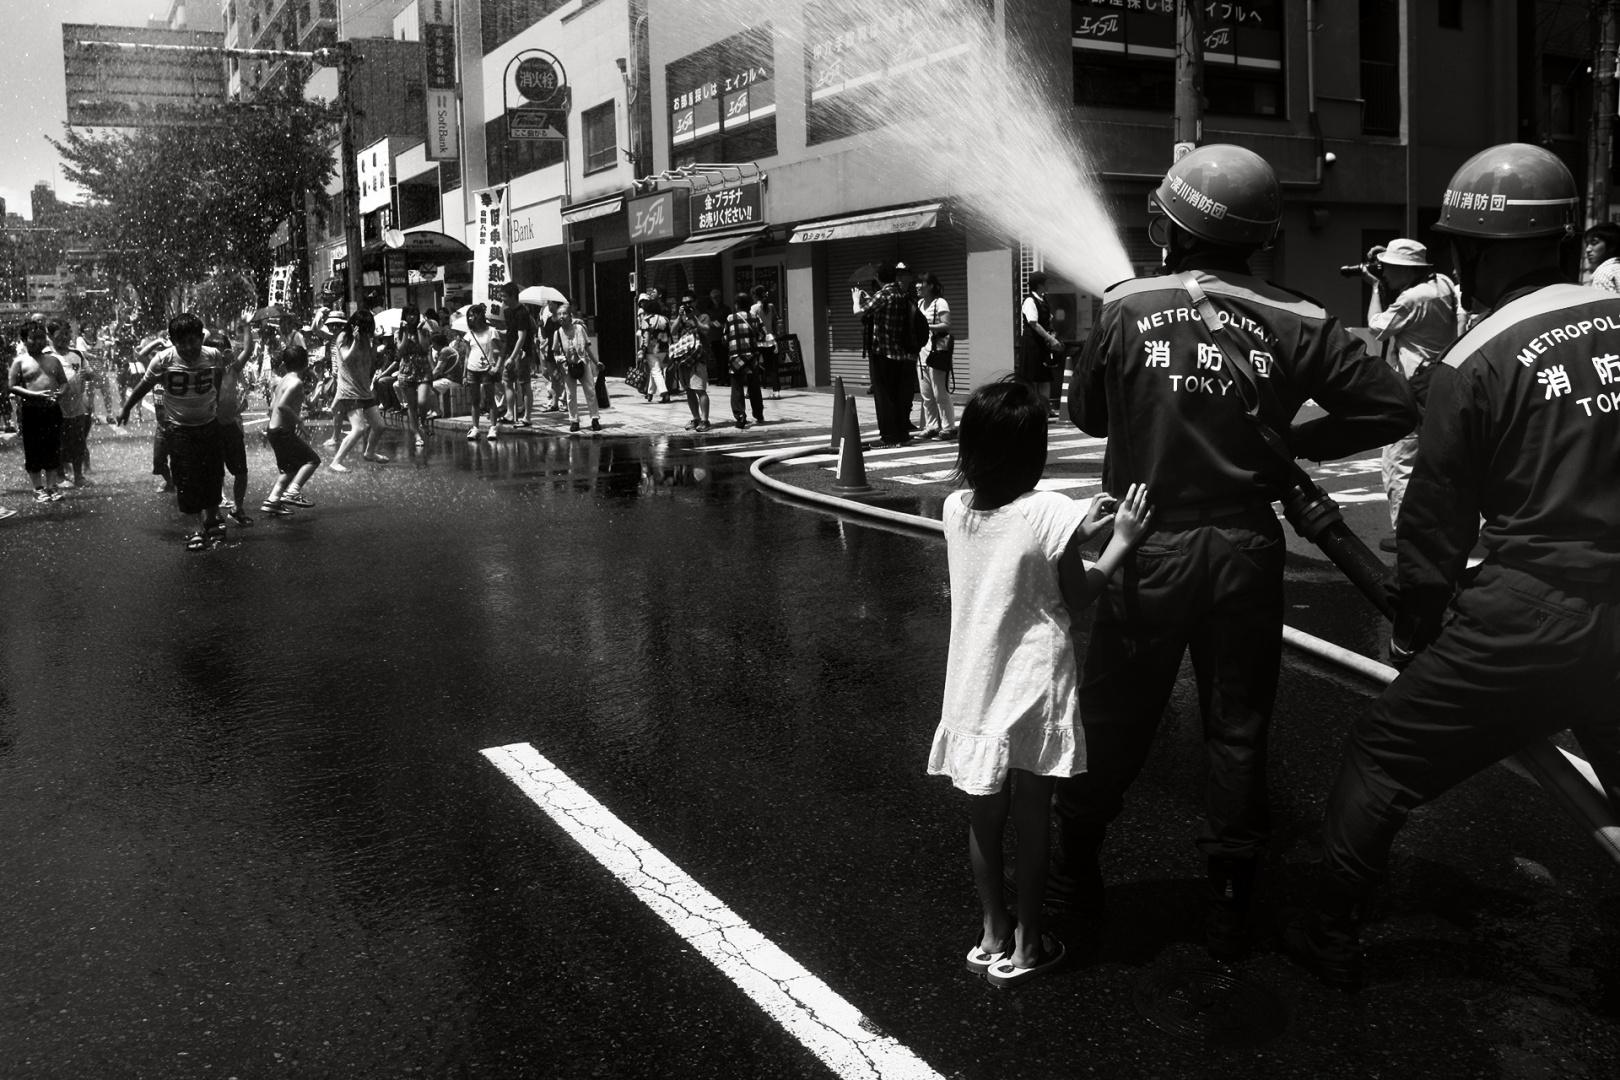 Gentes e Locais/Festa da água - Tóquio